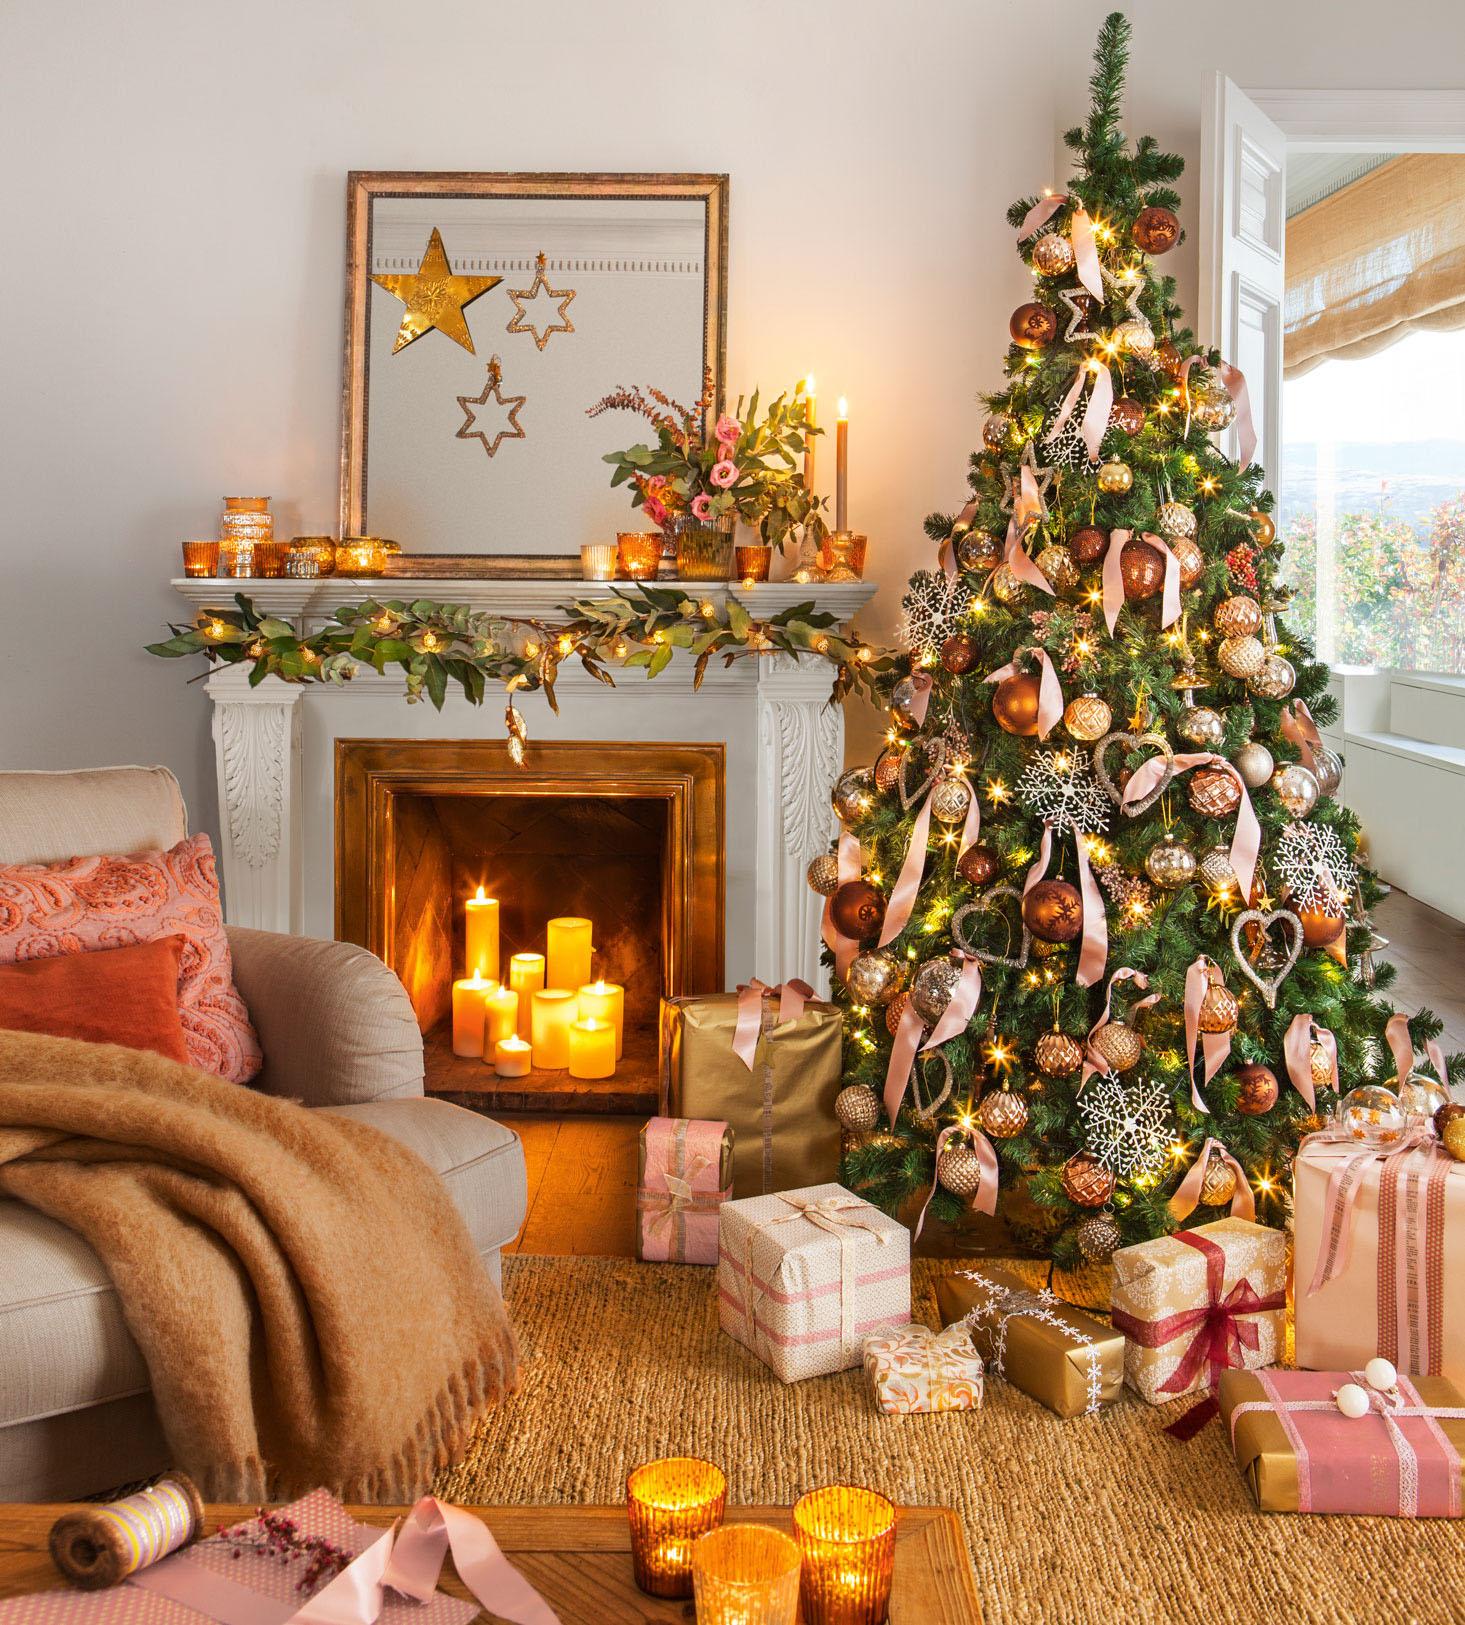 70 fotos de rbol de navidad - Chimeneas decoradas para navidad ...